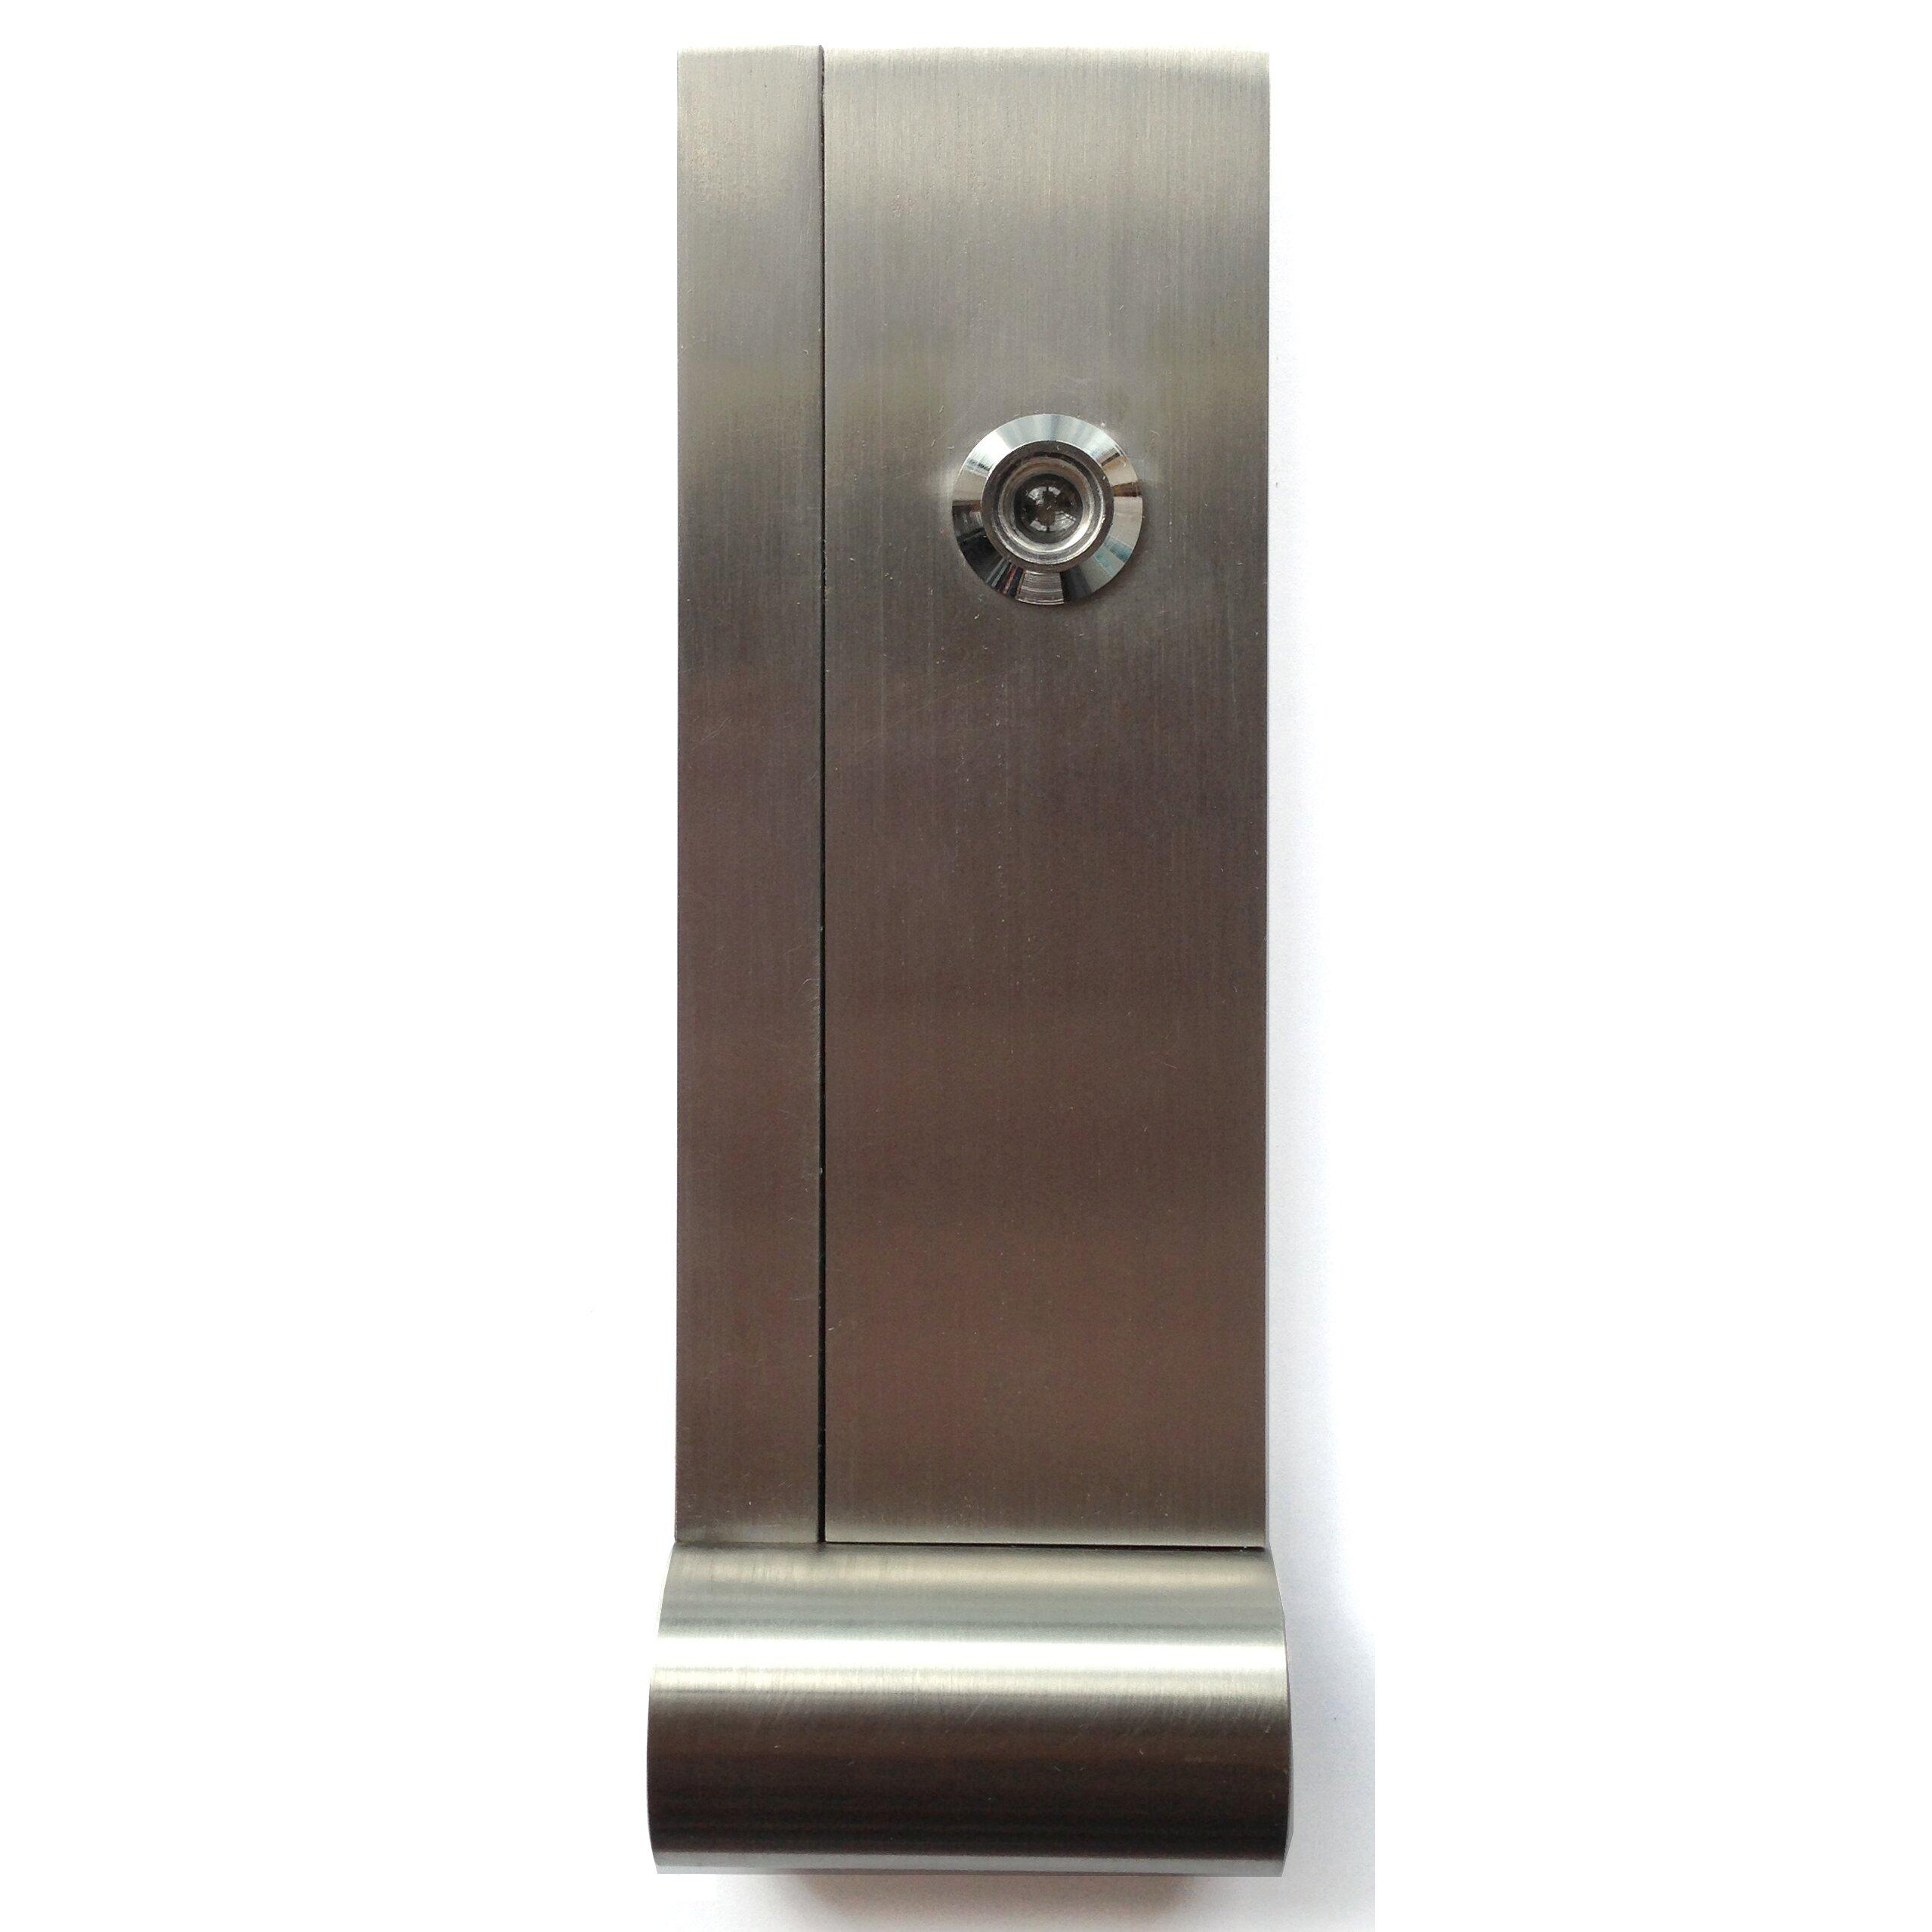 Door knocker wayfair - Door knocker with viewer ...